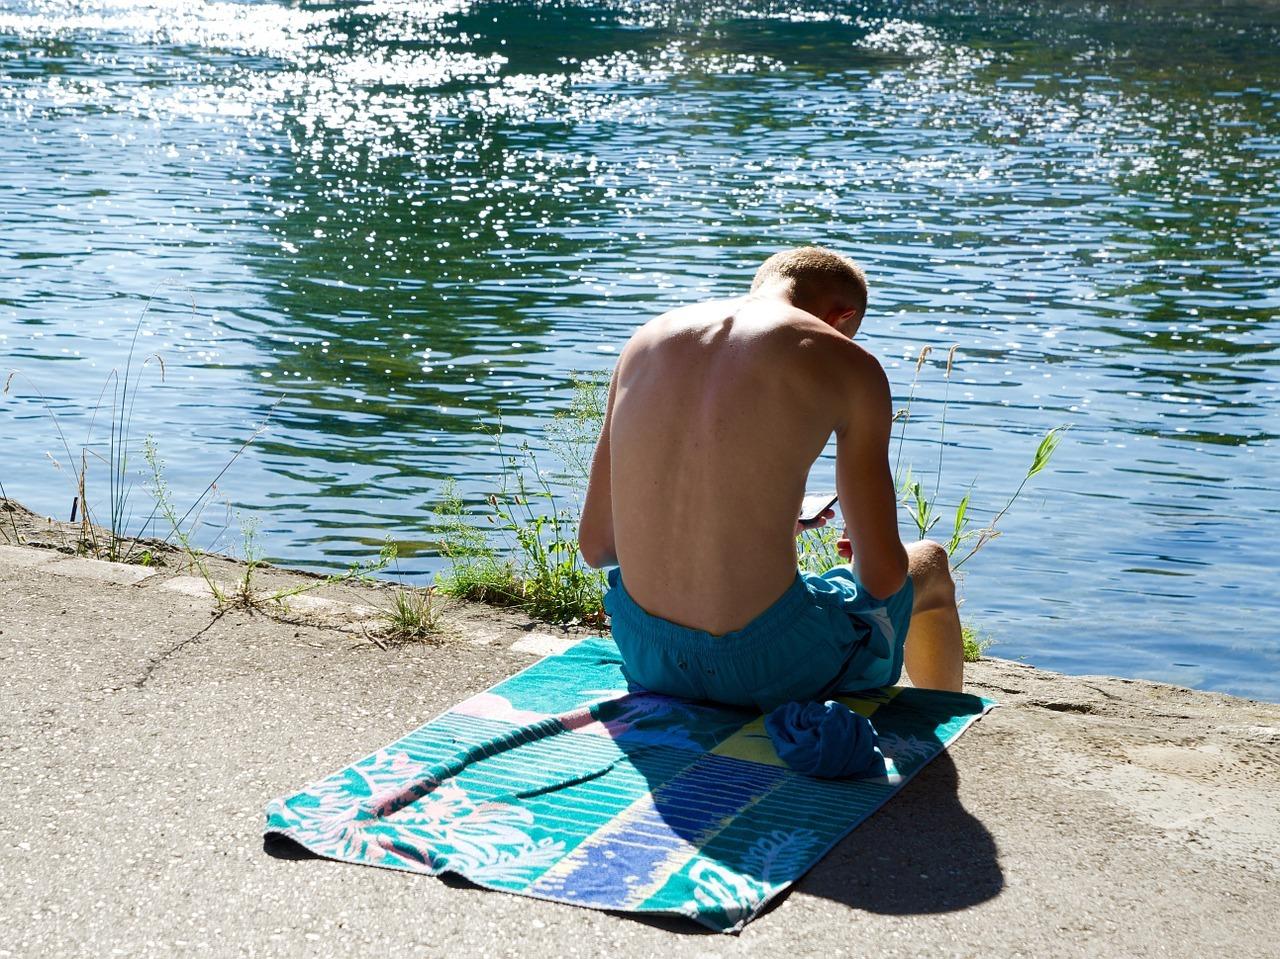 swimming-trunks-854845_1280